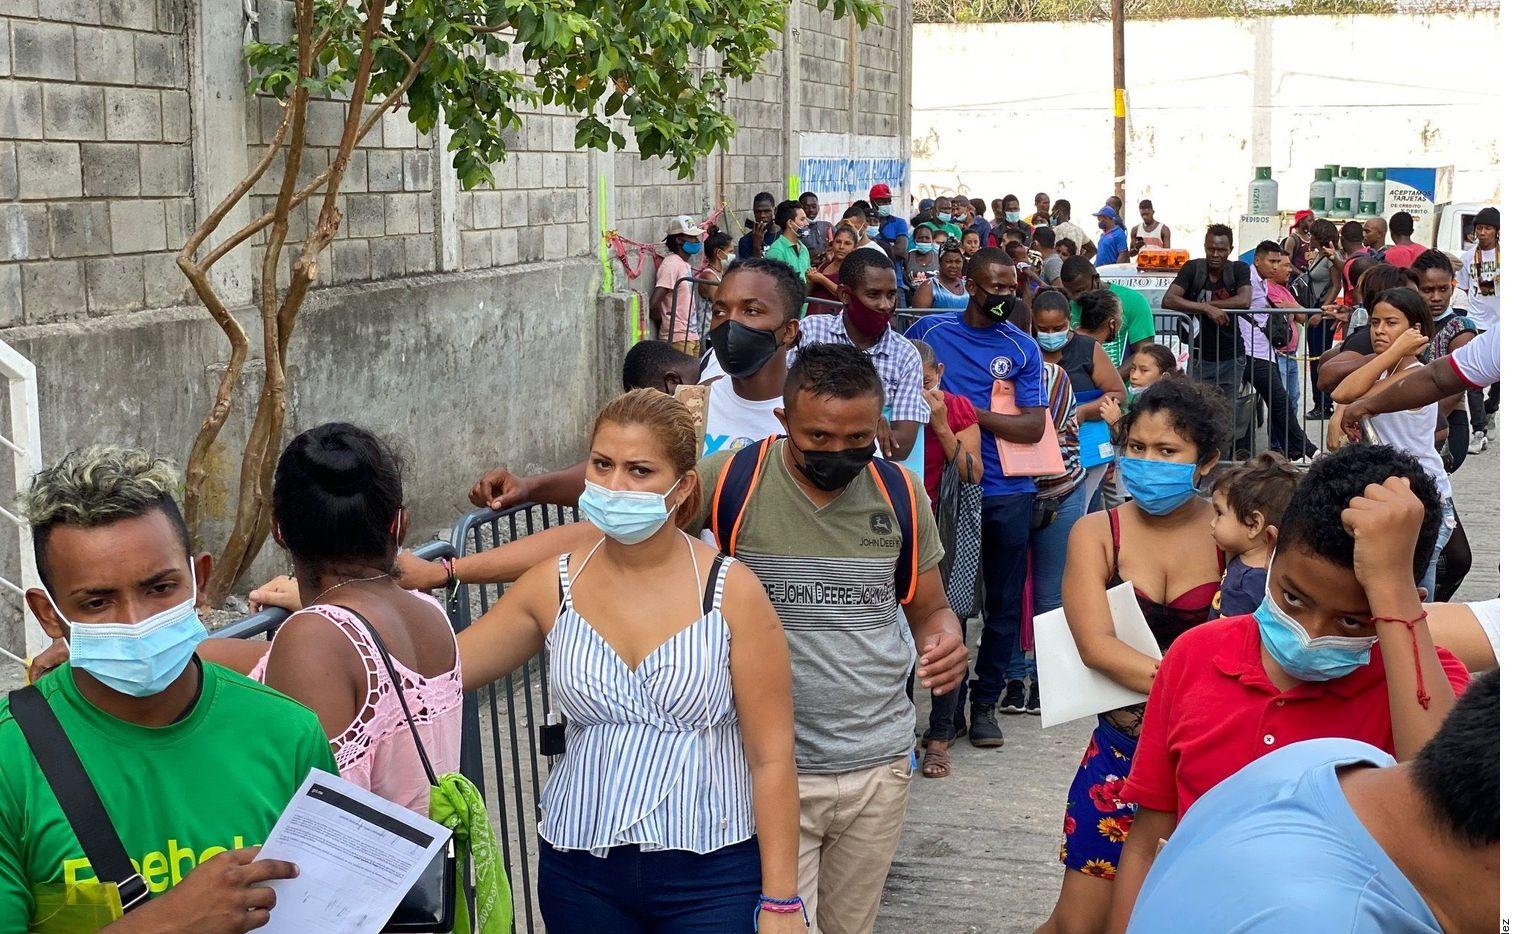 Entre enero y julio de 2021, 64,378 extranjeros han solicitado asilo en México, cifra mayor que todo lo registrado entre 2013 y 2018.